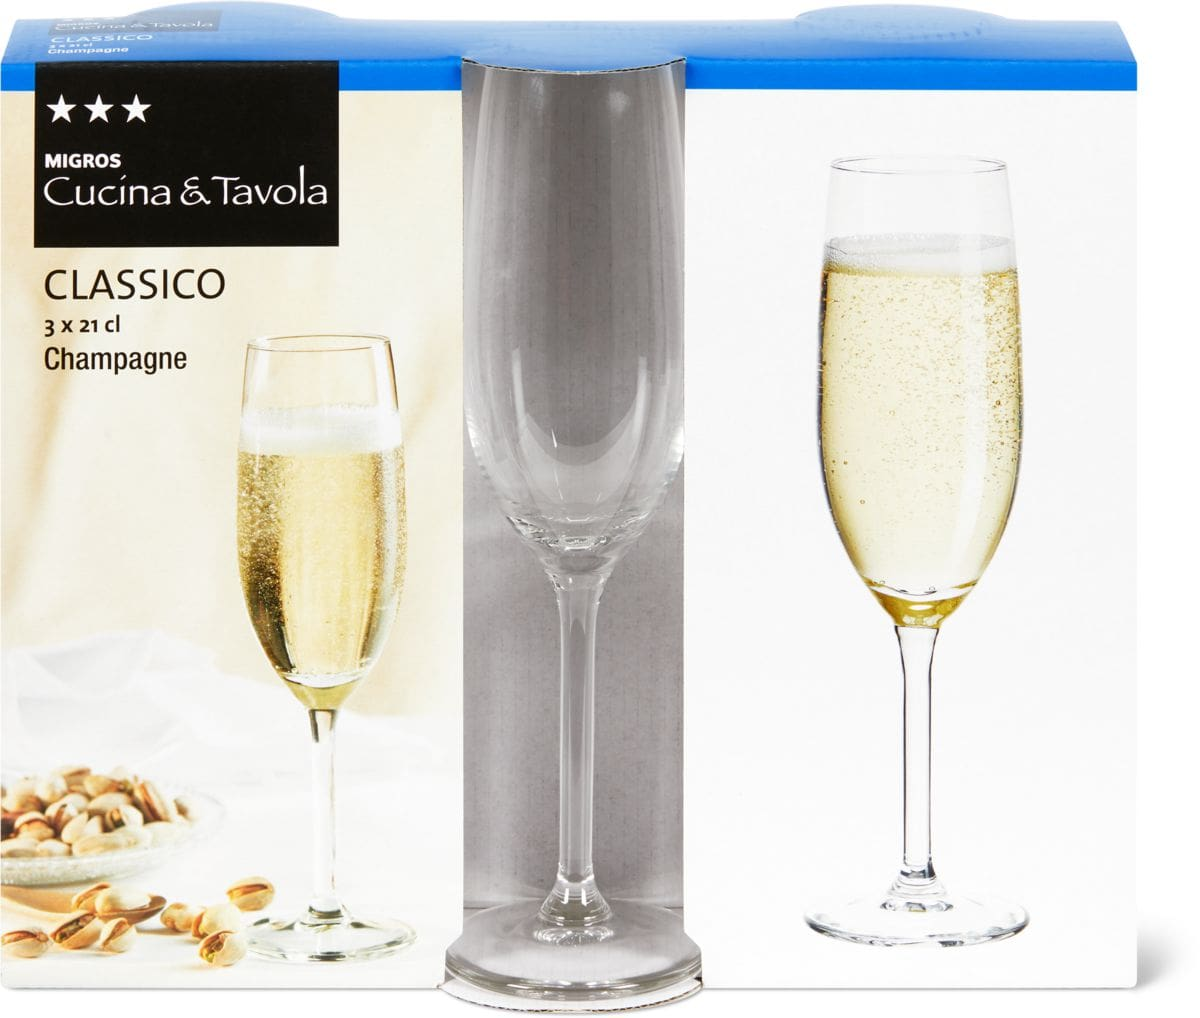 Cucina & Tavola CLASSICO Champagne